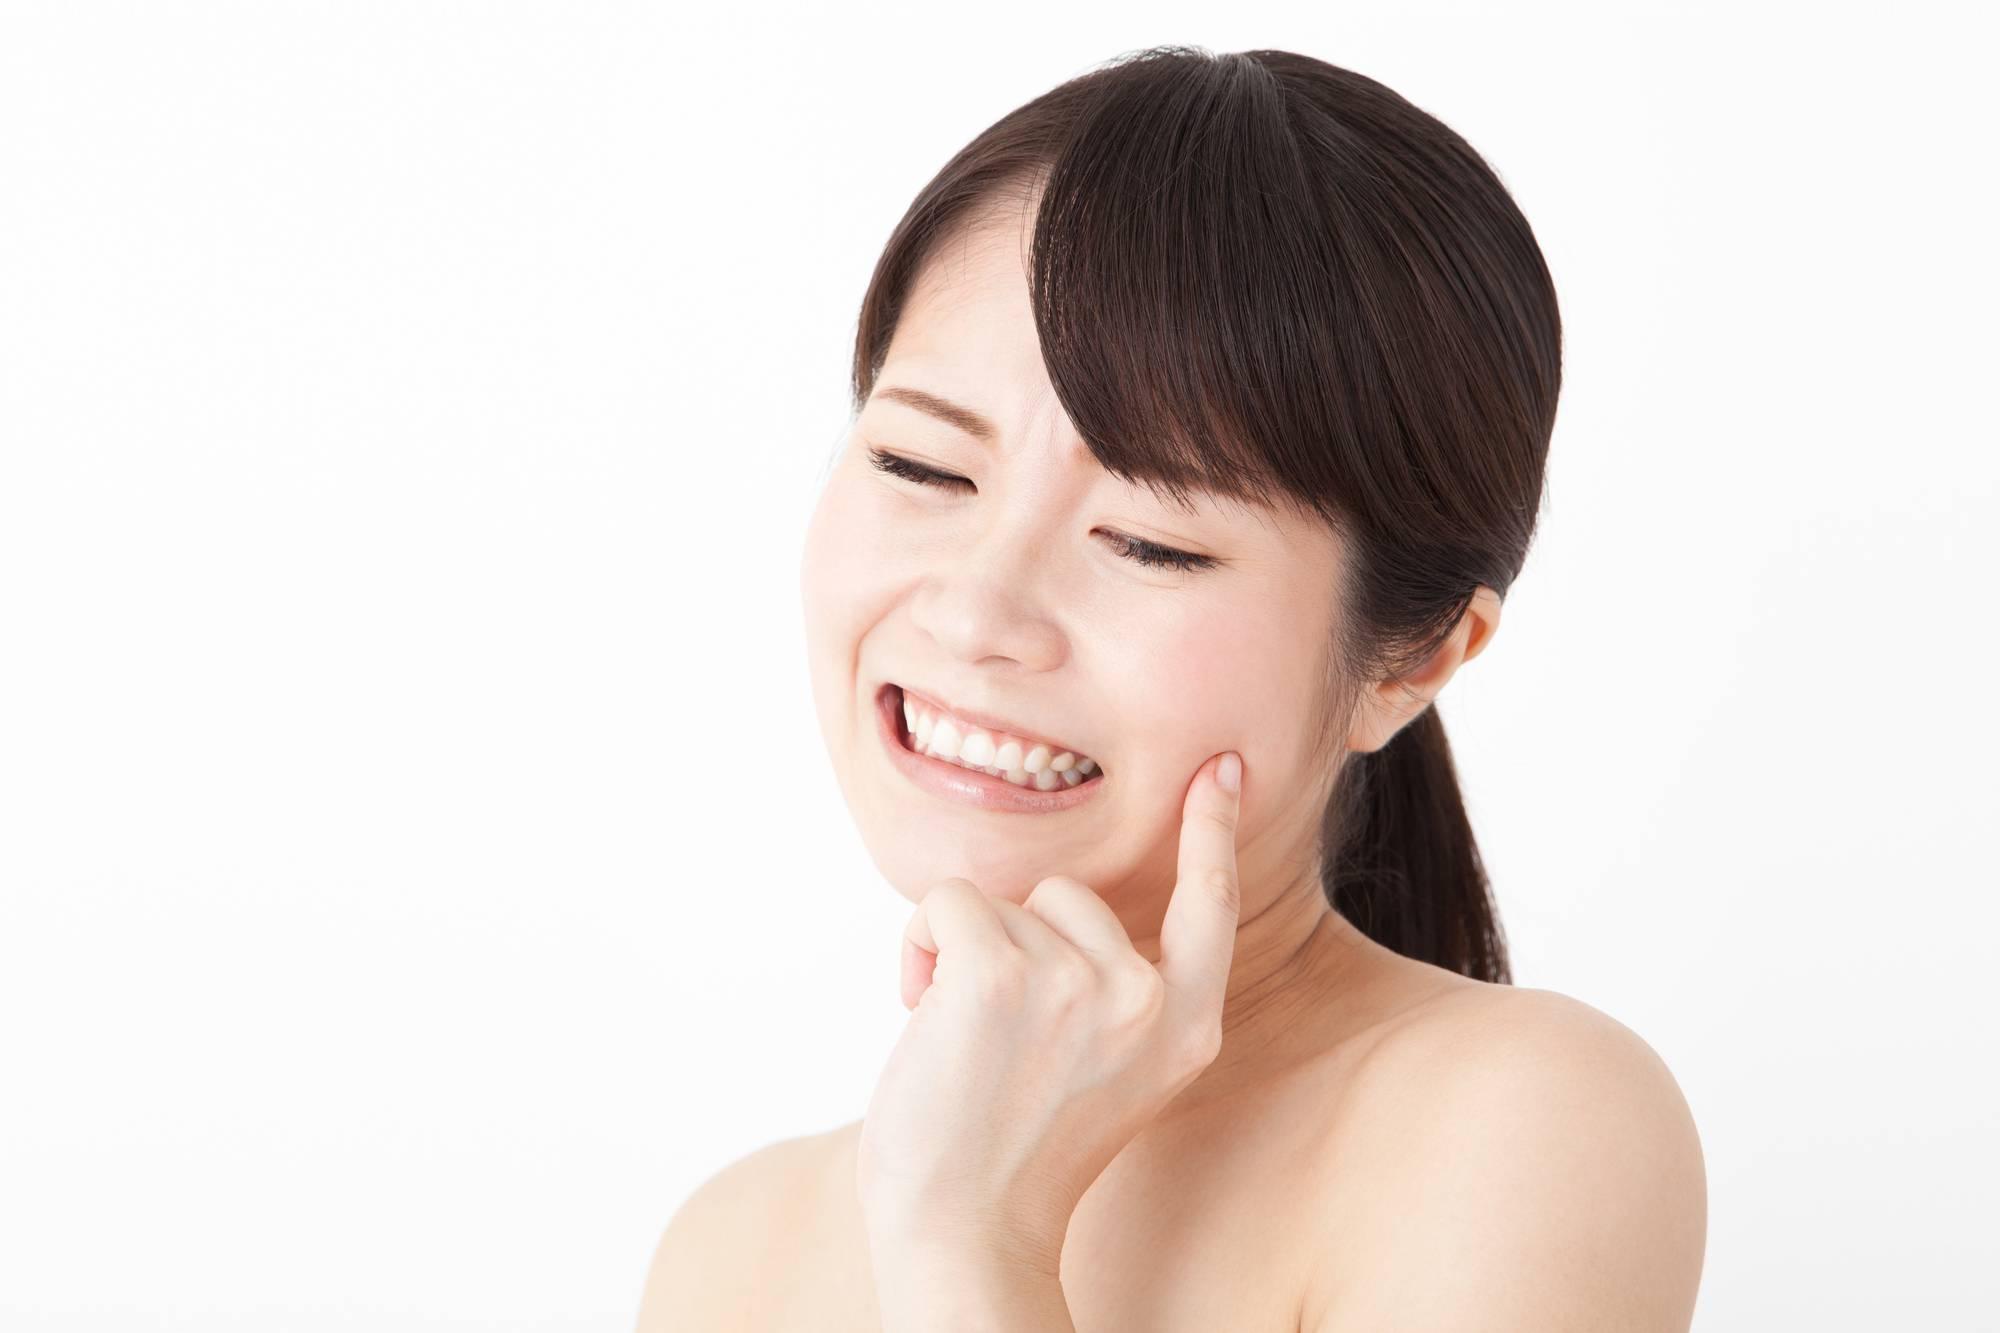 歯茎に口内炎ができて痛がる女性